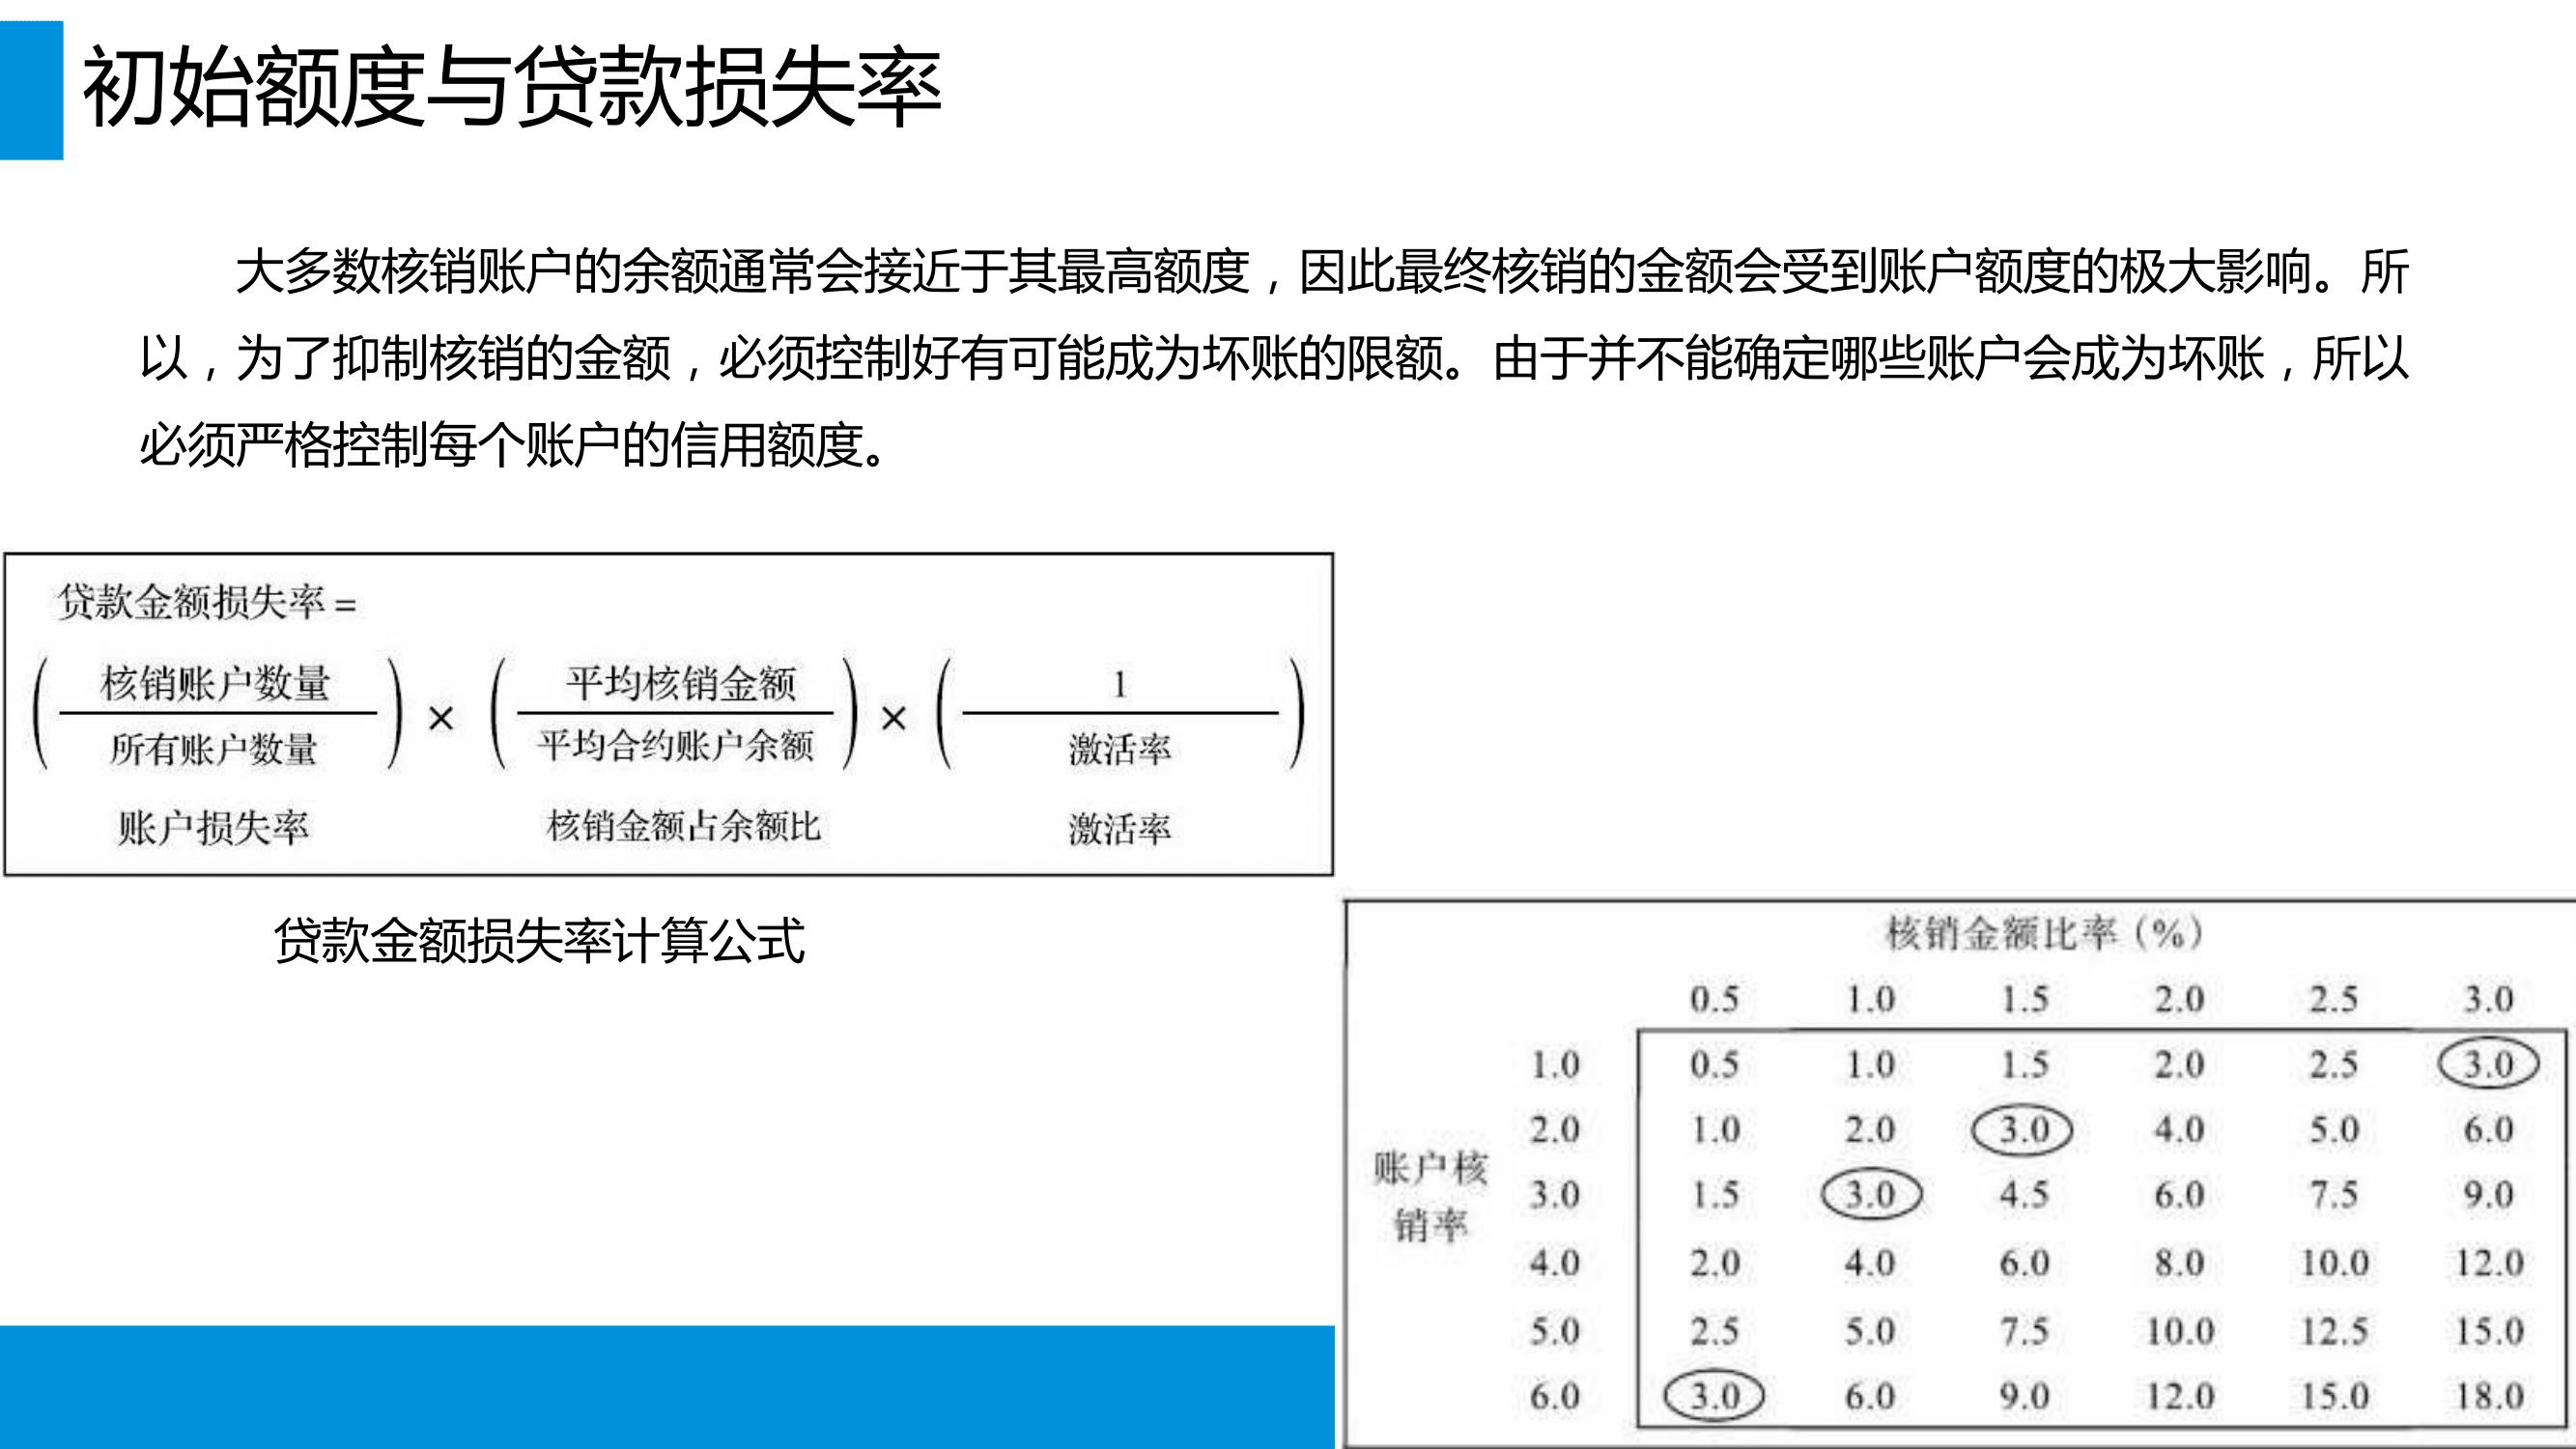 消费金融业务全流程指南_v1.0-042